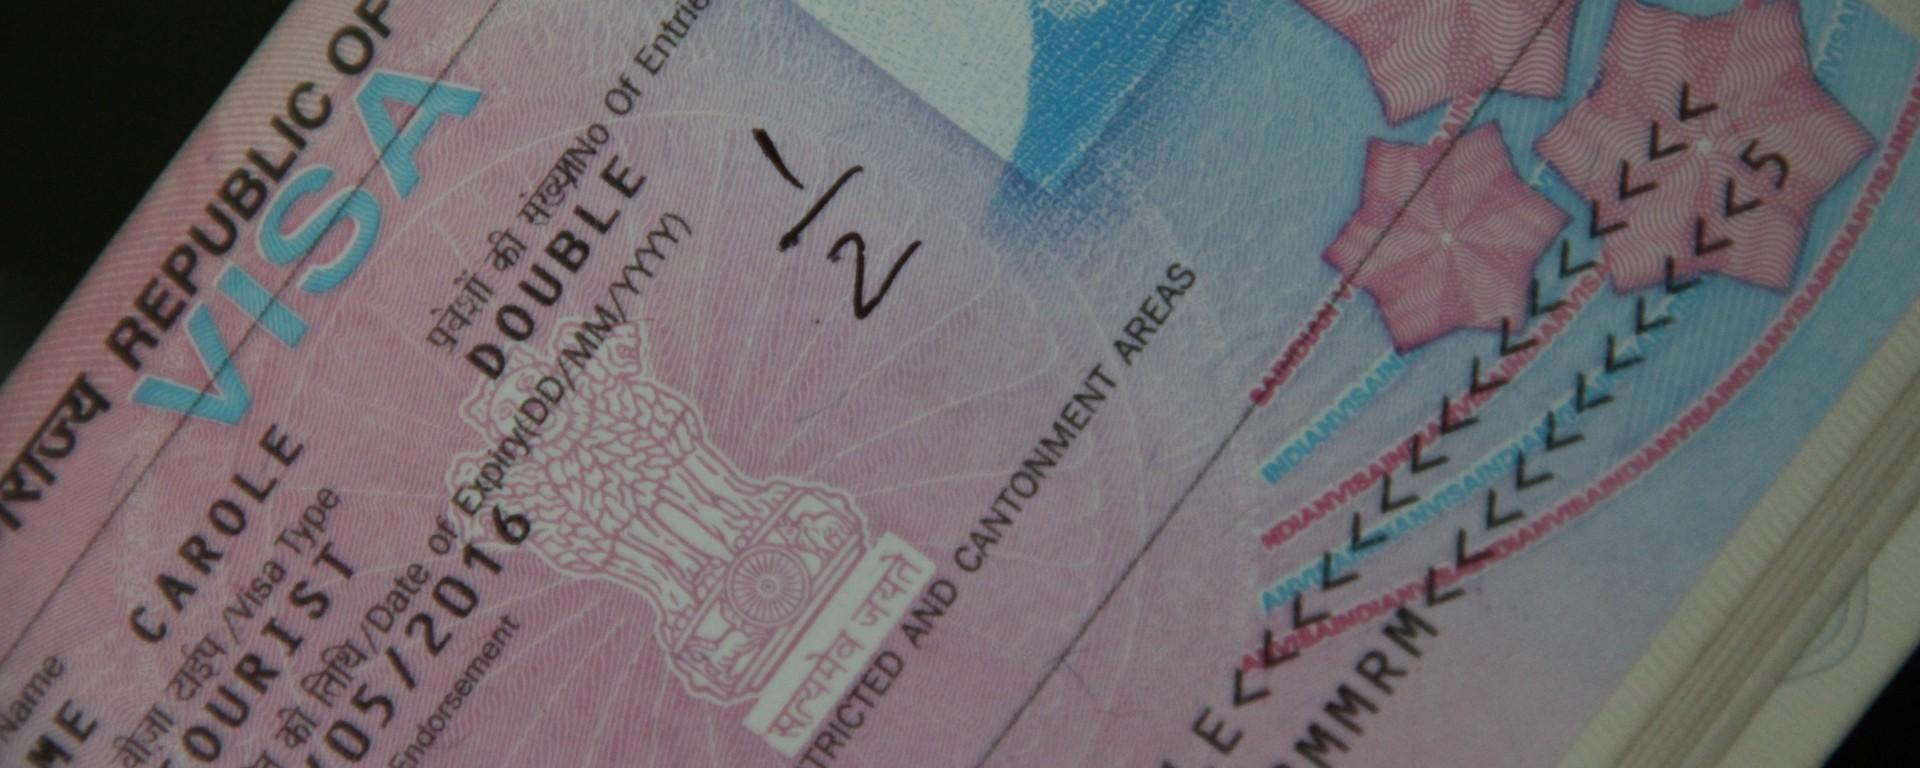 Un véritable parcours du combattant pour obtenir le visa pour l'Inde.